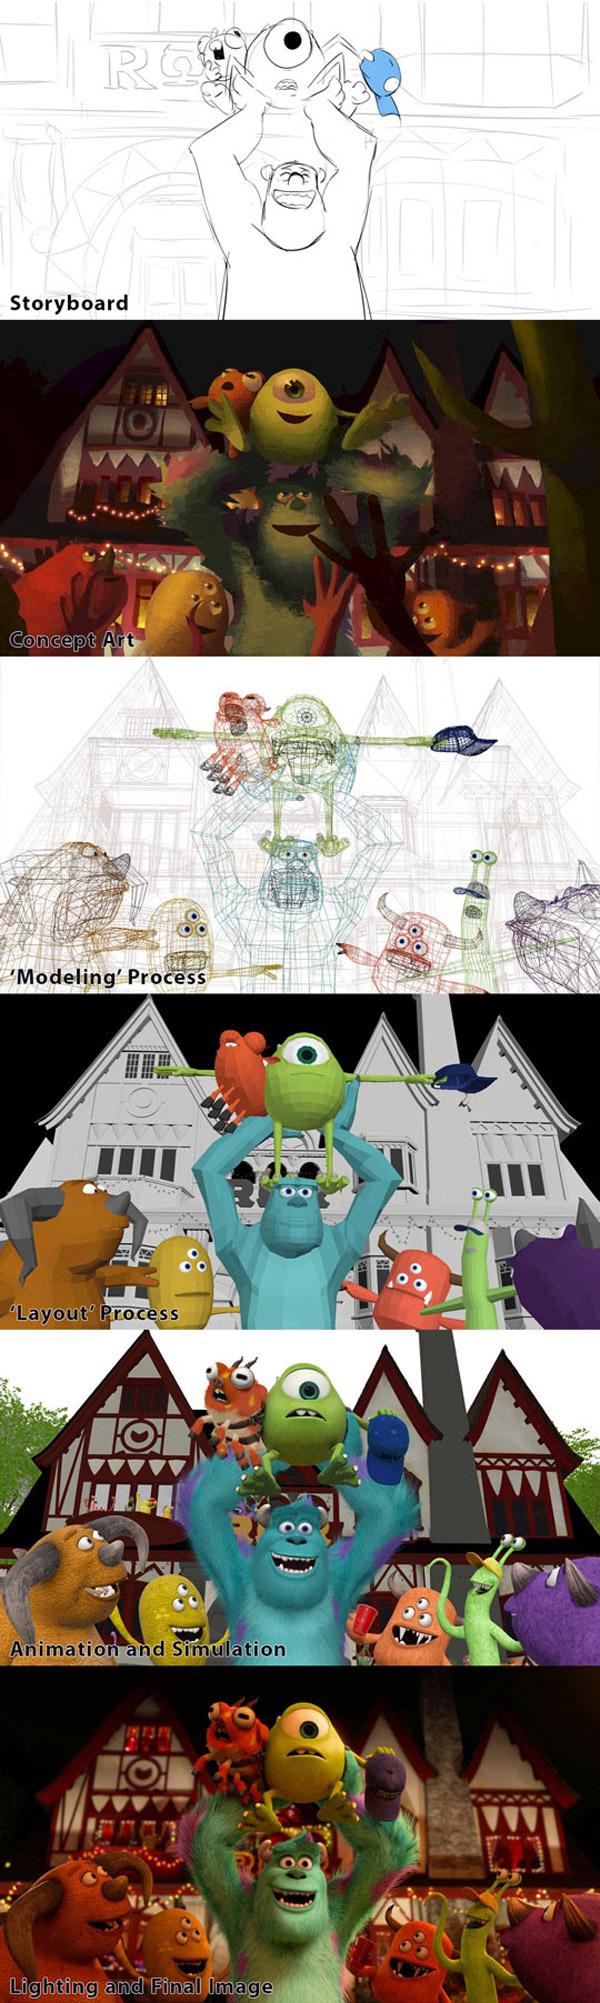 Desarrollo de un fotograma de una película de Pixar